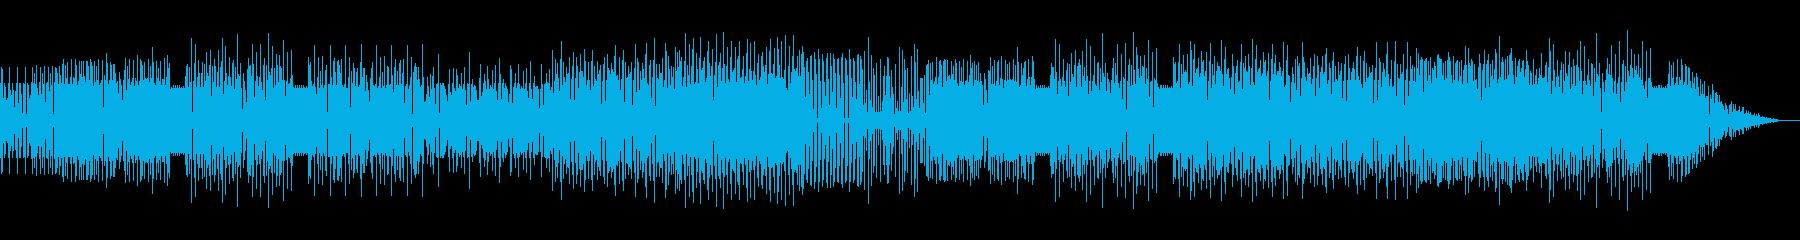 ボンゴ・コンガ使いのリズミカルなハウスの再生済みの波形